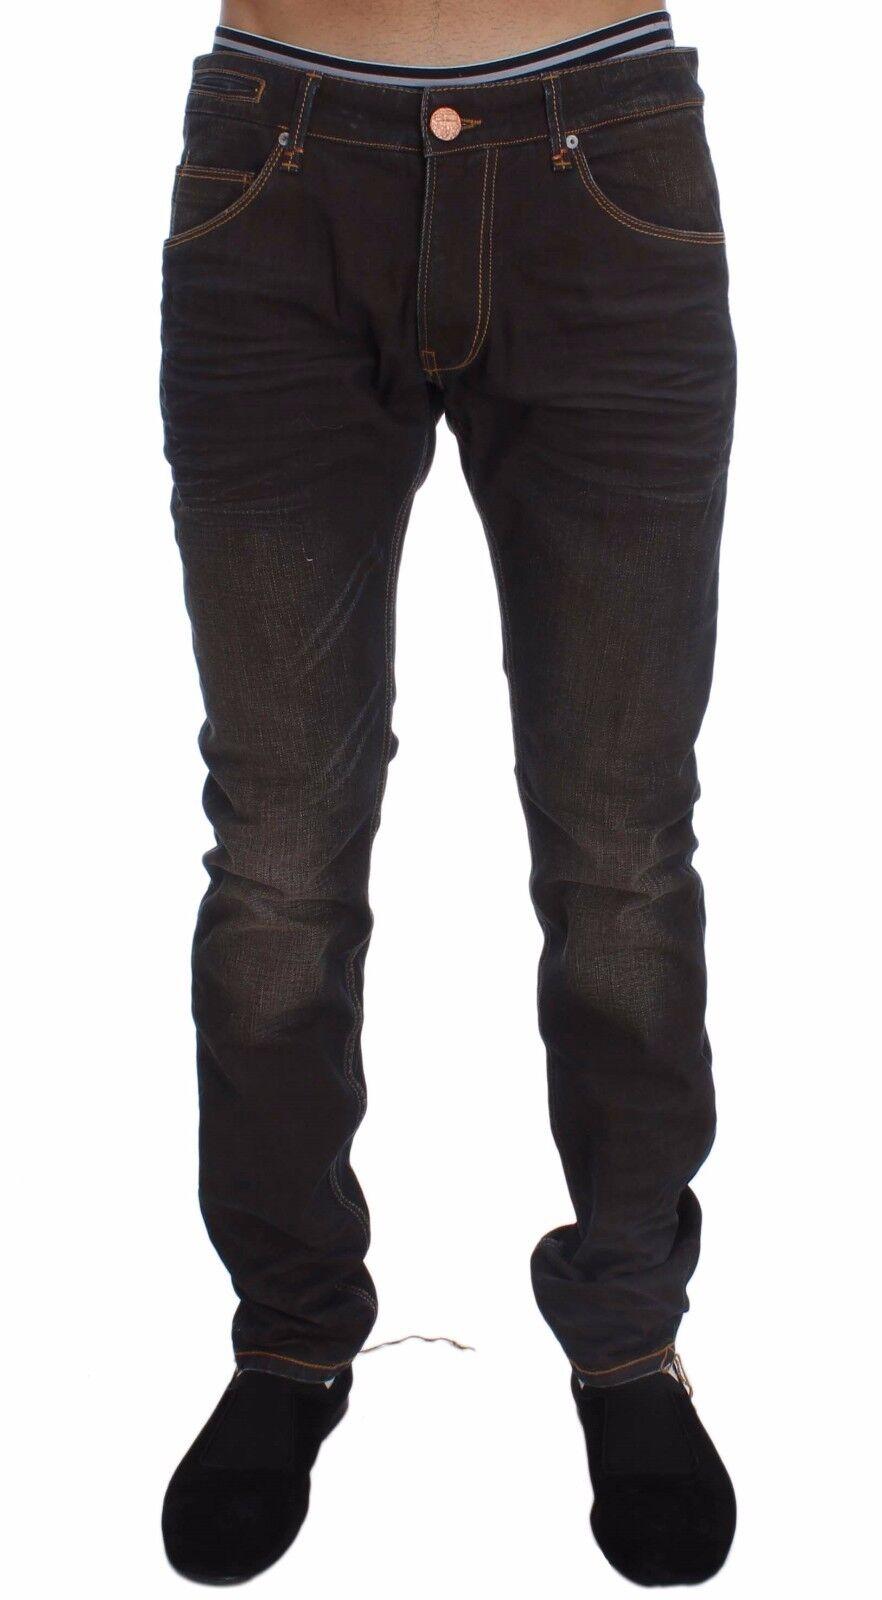 Nuovo Acht Jeans Marronee Lavaggio Cotone Elasticizzato Pantaloni Slim Fit da